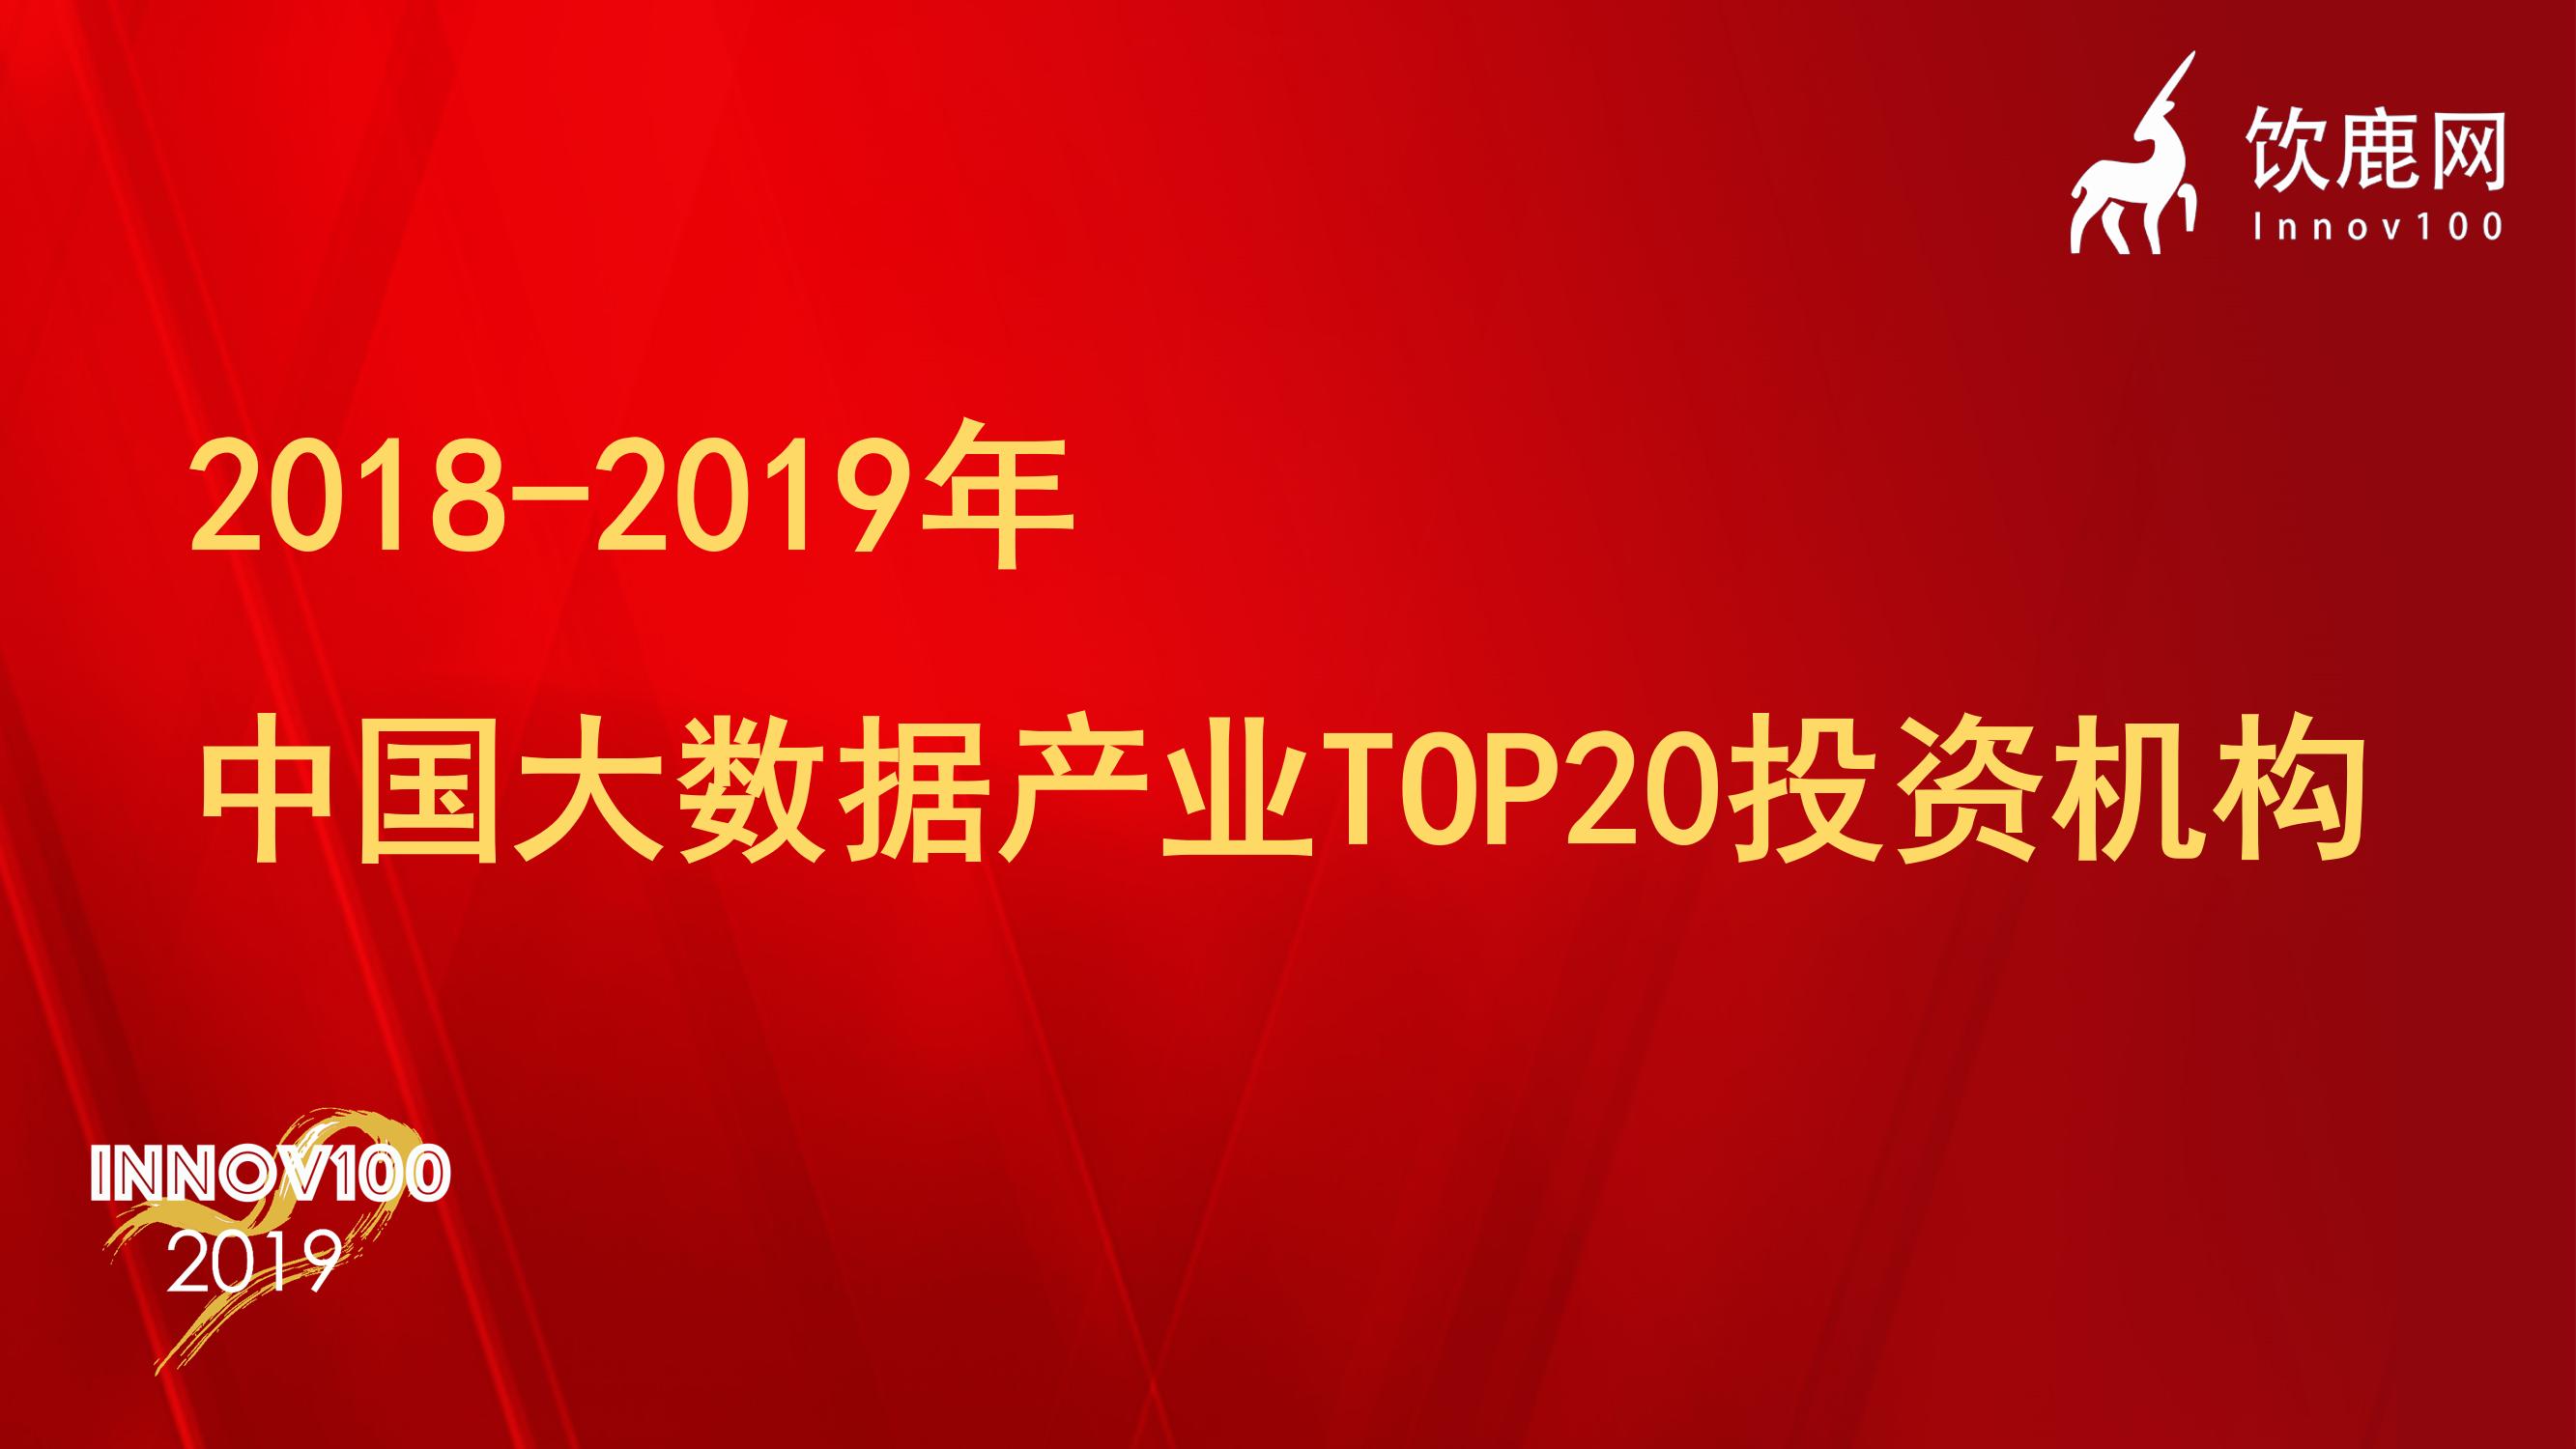 饮鹿网2018-2019年中国大数据产业Top20投资机构发布!